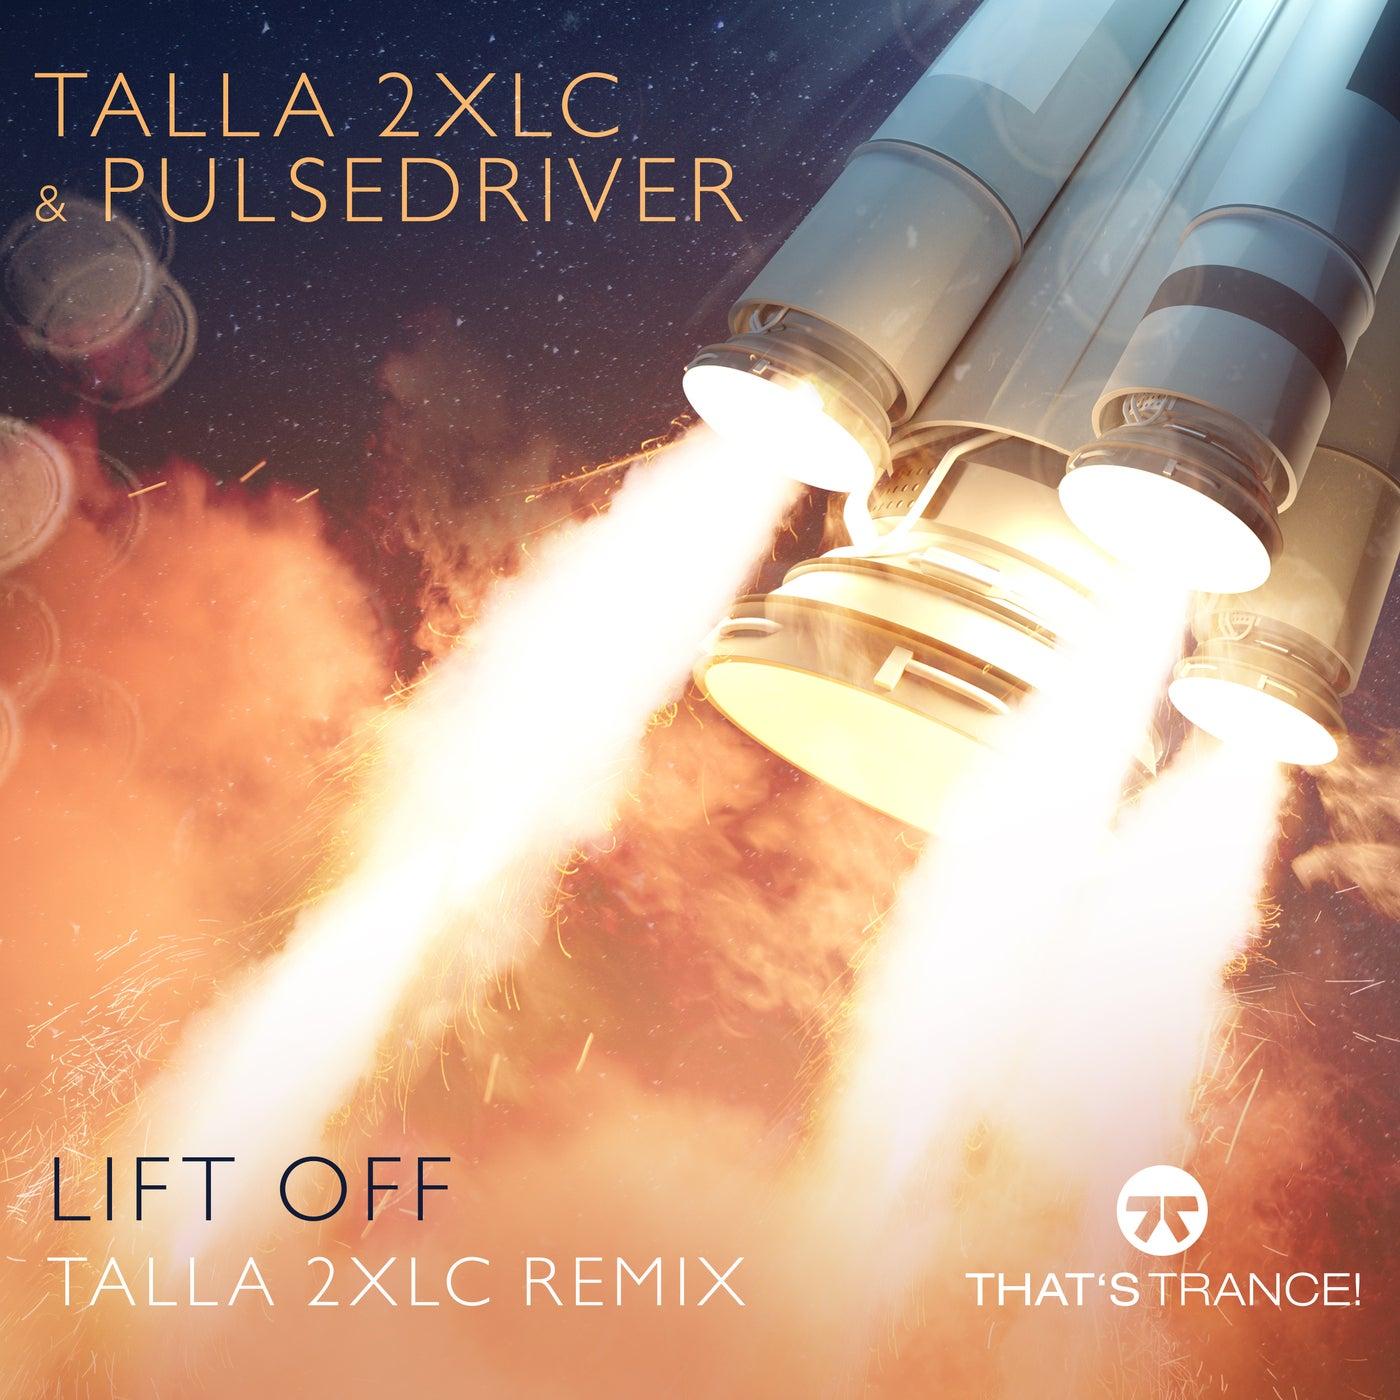 Lift Off (Talla 2XLC Extended Mix)